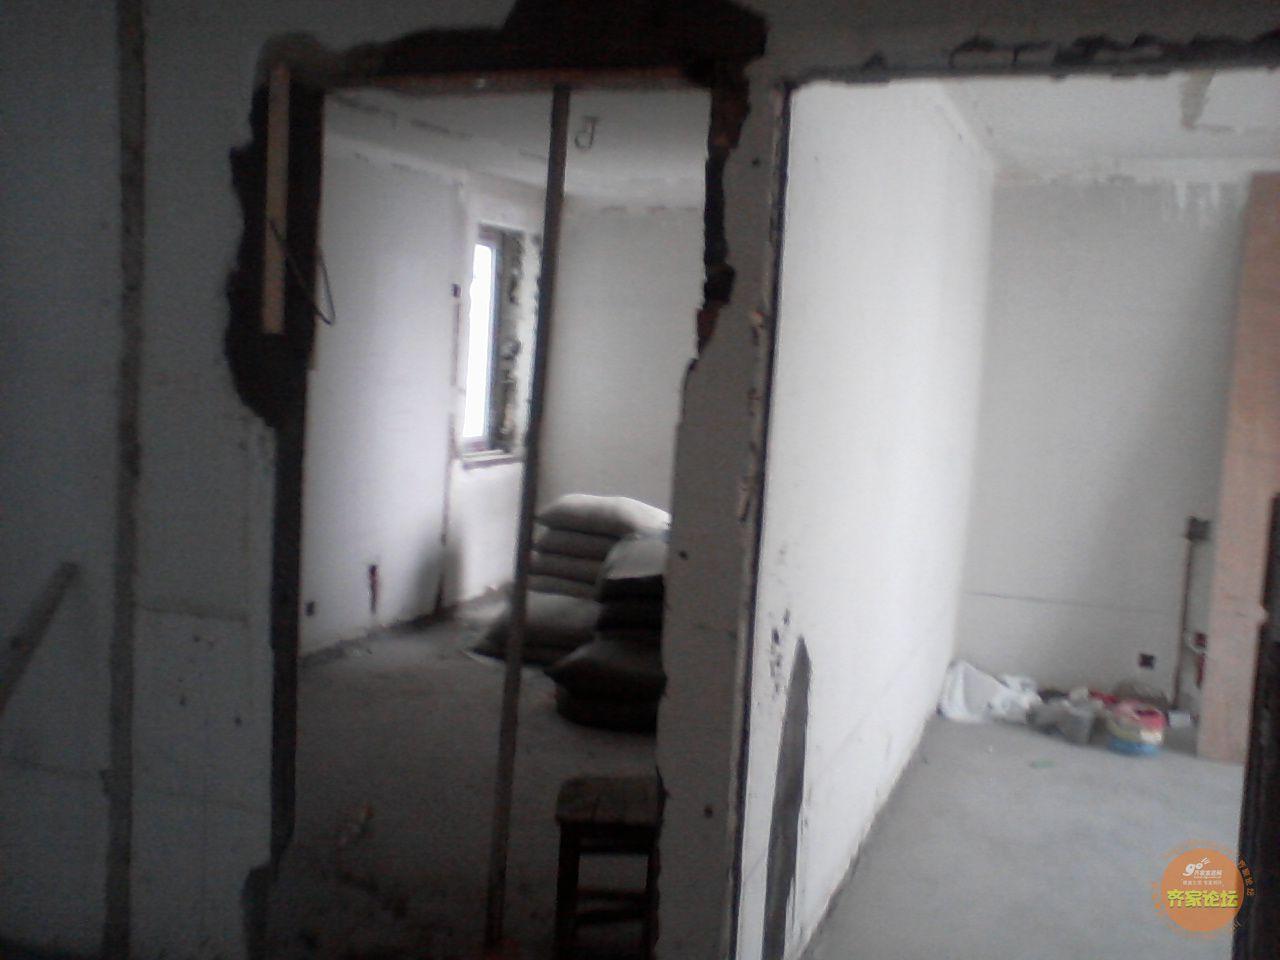 369的装修日记 开始做影视墙,我家的木工和电工是一个人齐家论坛 高清图片